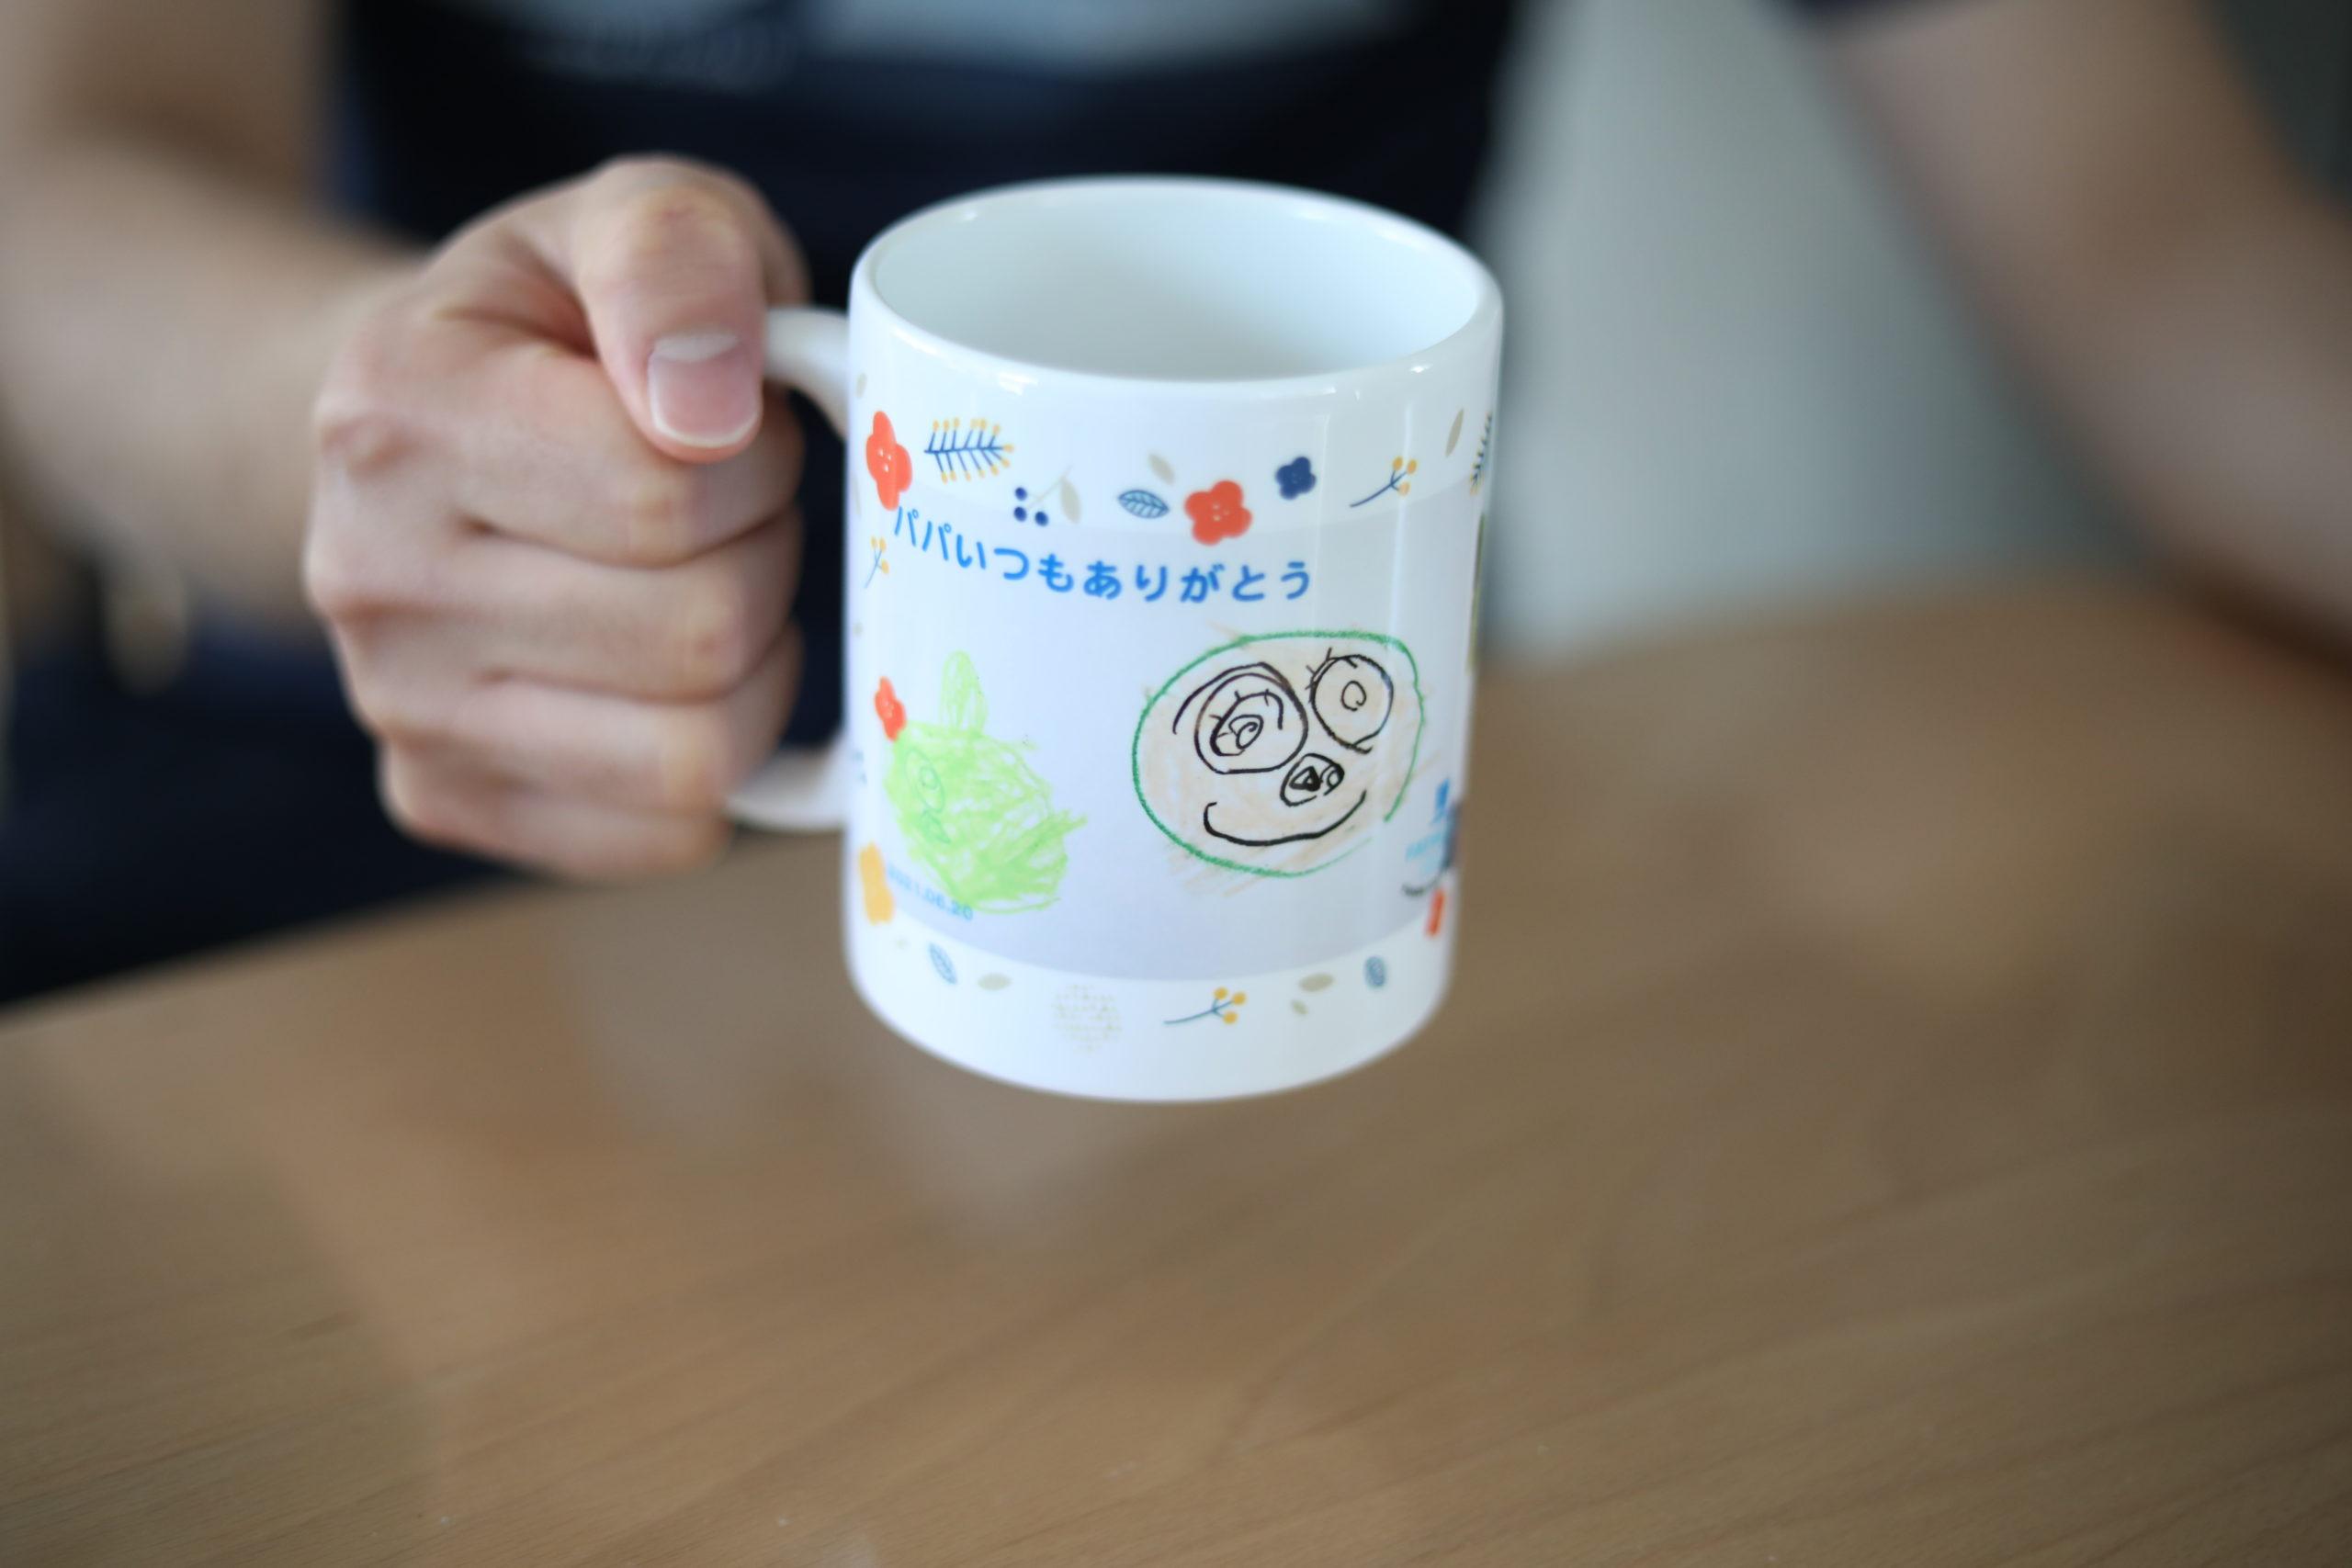 【父の日ギフト】子供と作るオリジナルマグカップが可愛すぎる!